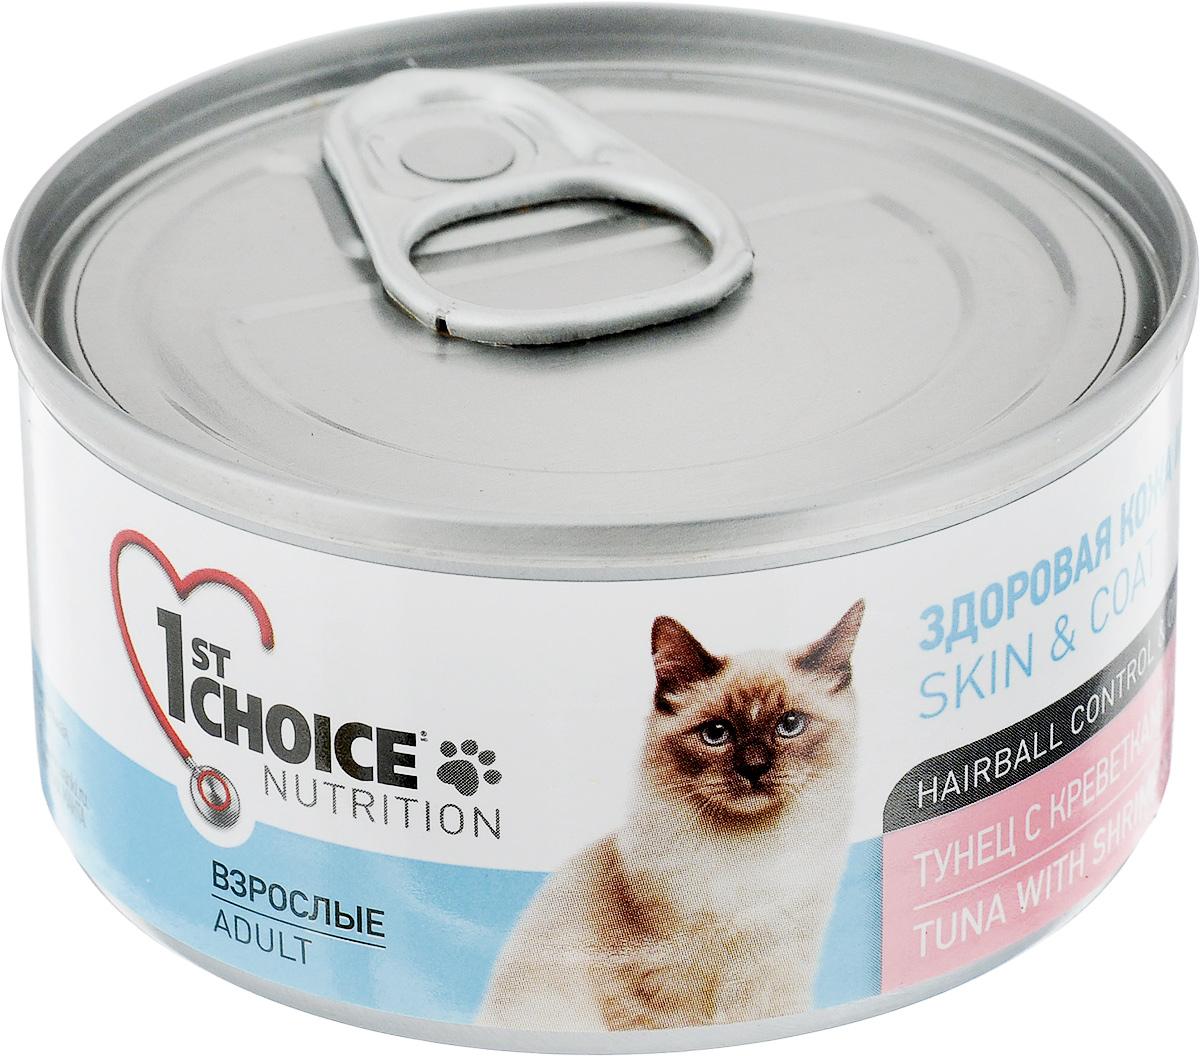 Консервы 1st Choice, для взрослых кошек, тунец с креветками и ананасом, 85 г корм 1st choice для кошек